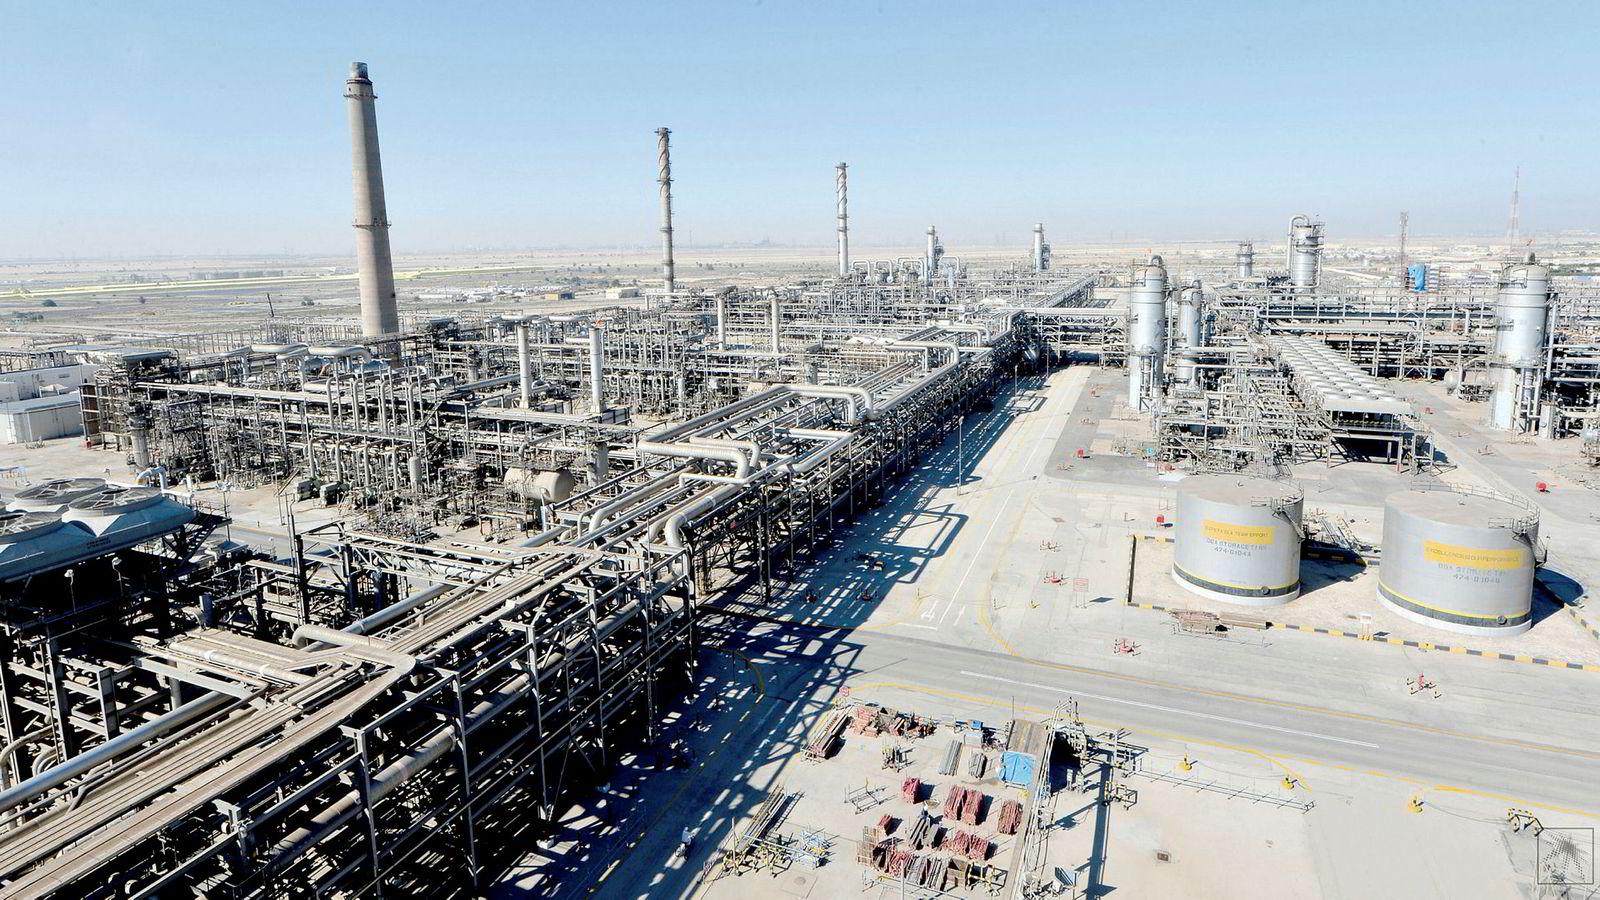 Berri-feltet til Saudi Aramco er blant dem som bidrar til solide 2019-tall for offshore-satsinger, ifølge Rystad Energy.